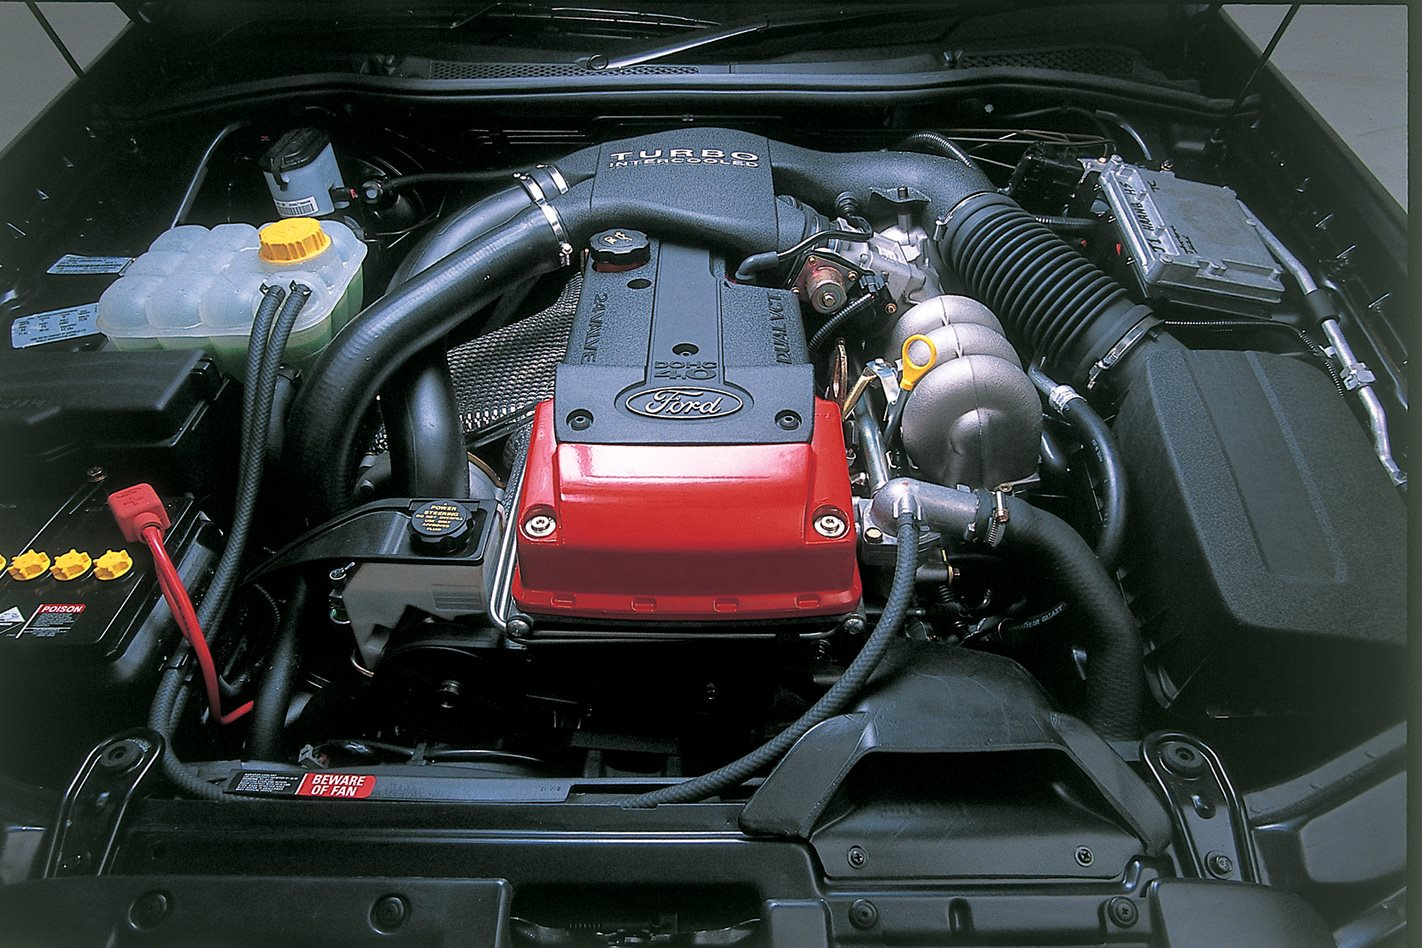 Ford-Falcon-XR6-Turbo-engine.jpg